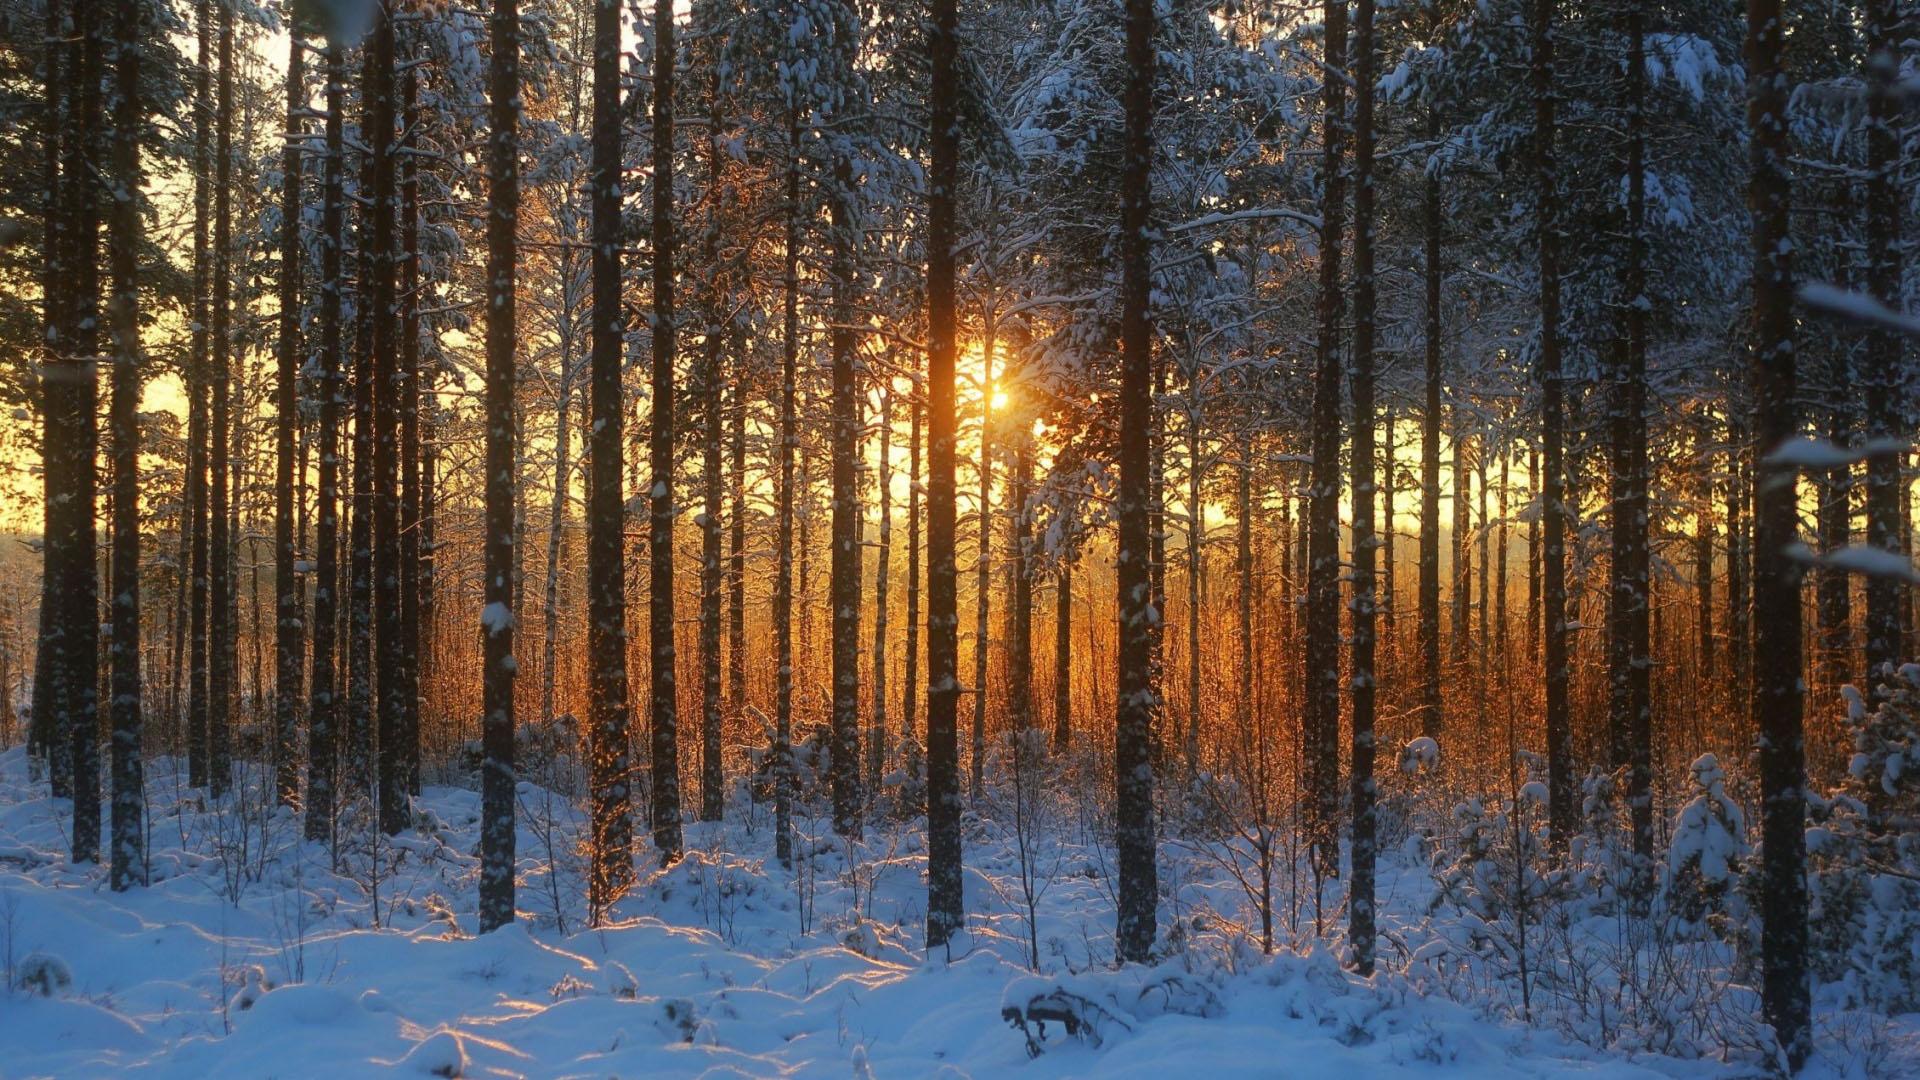 Hình nền cánh rừng mùa đông